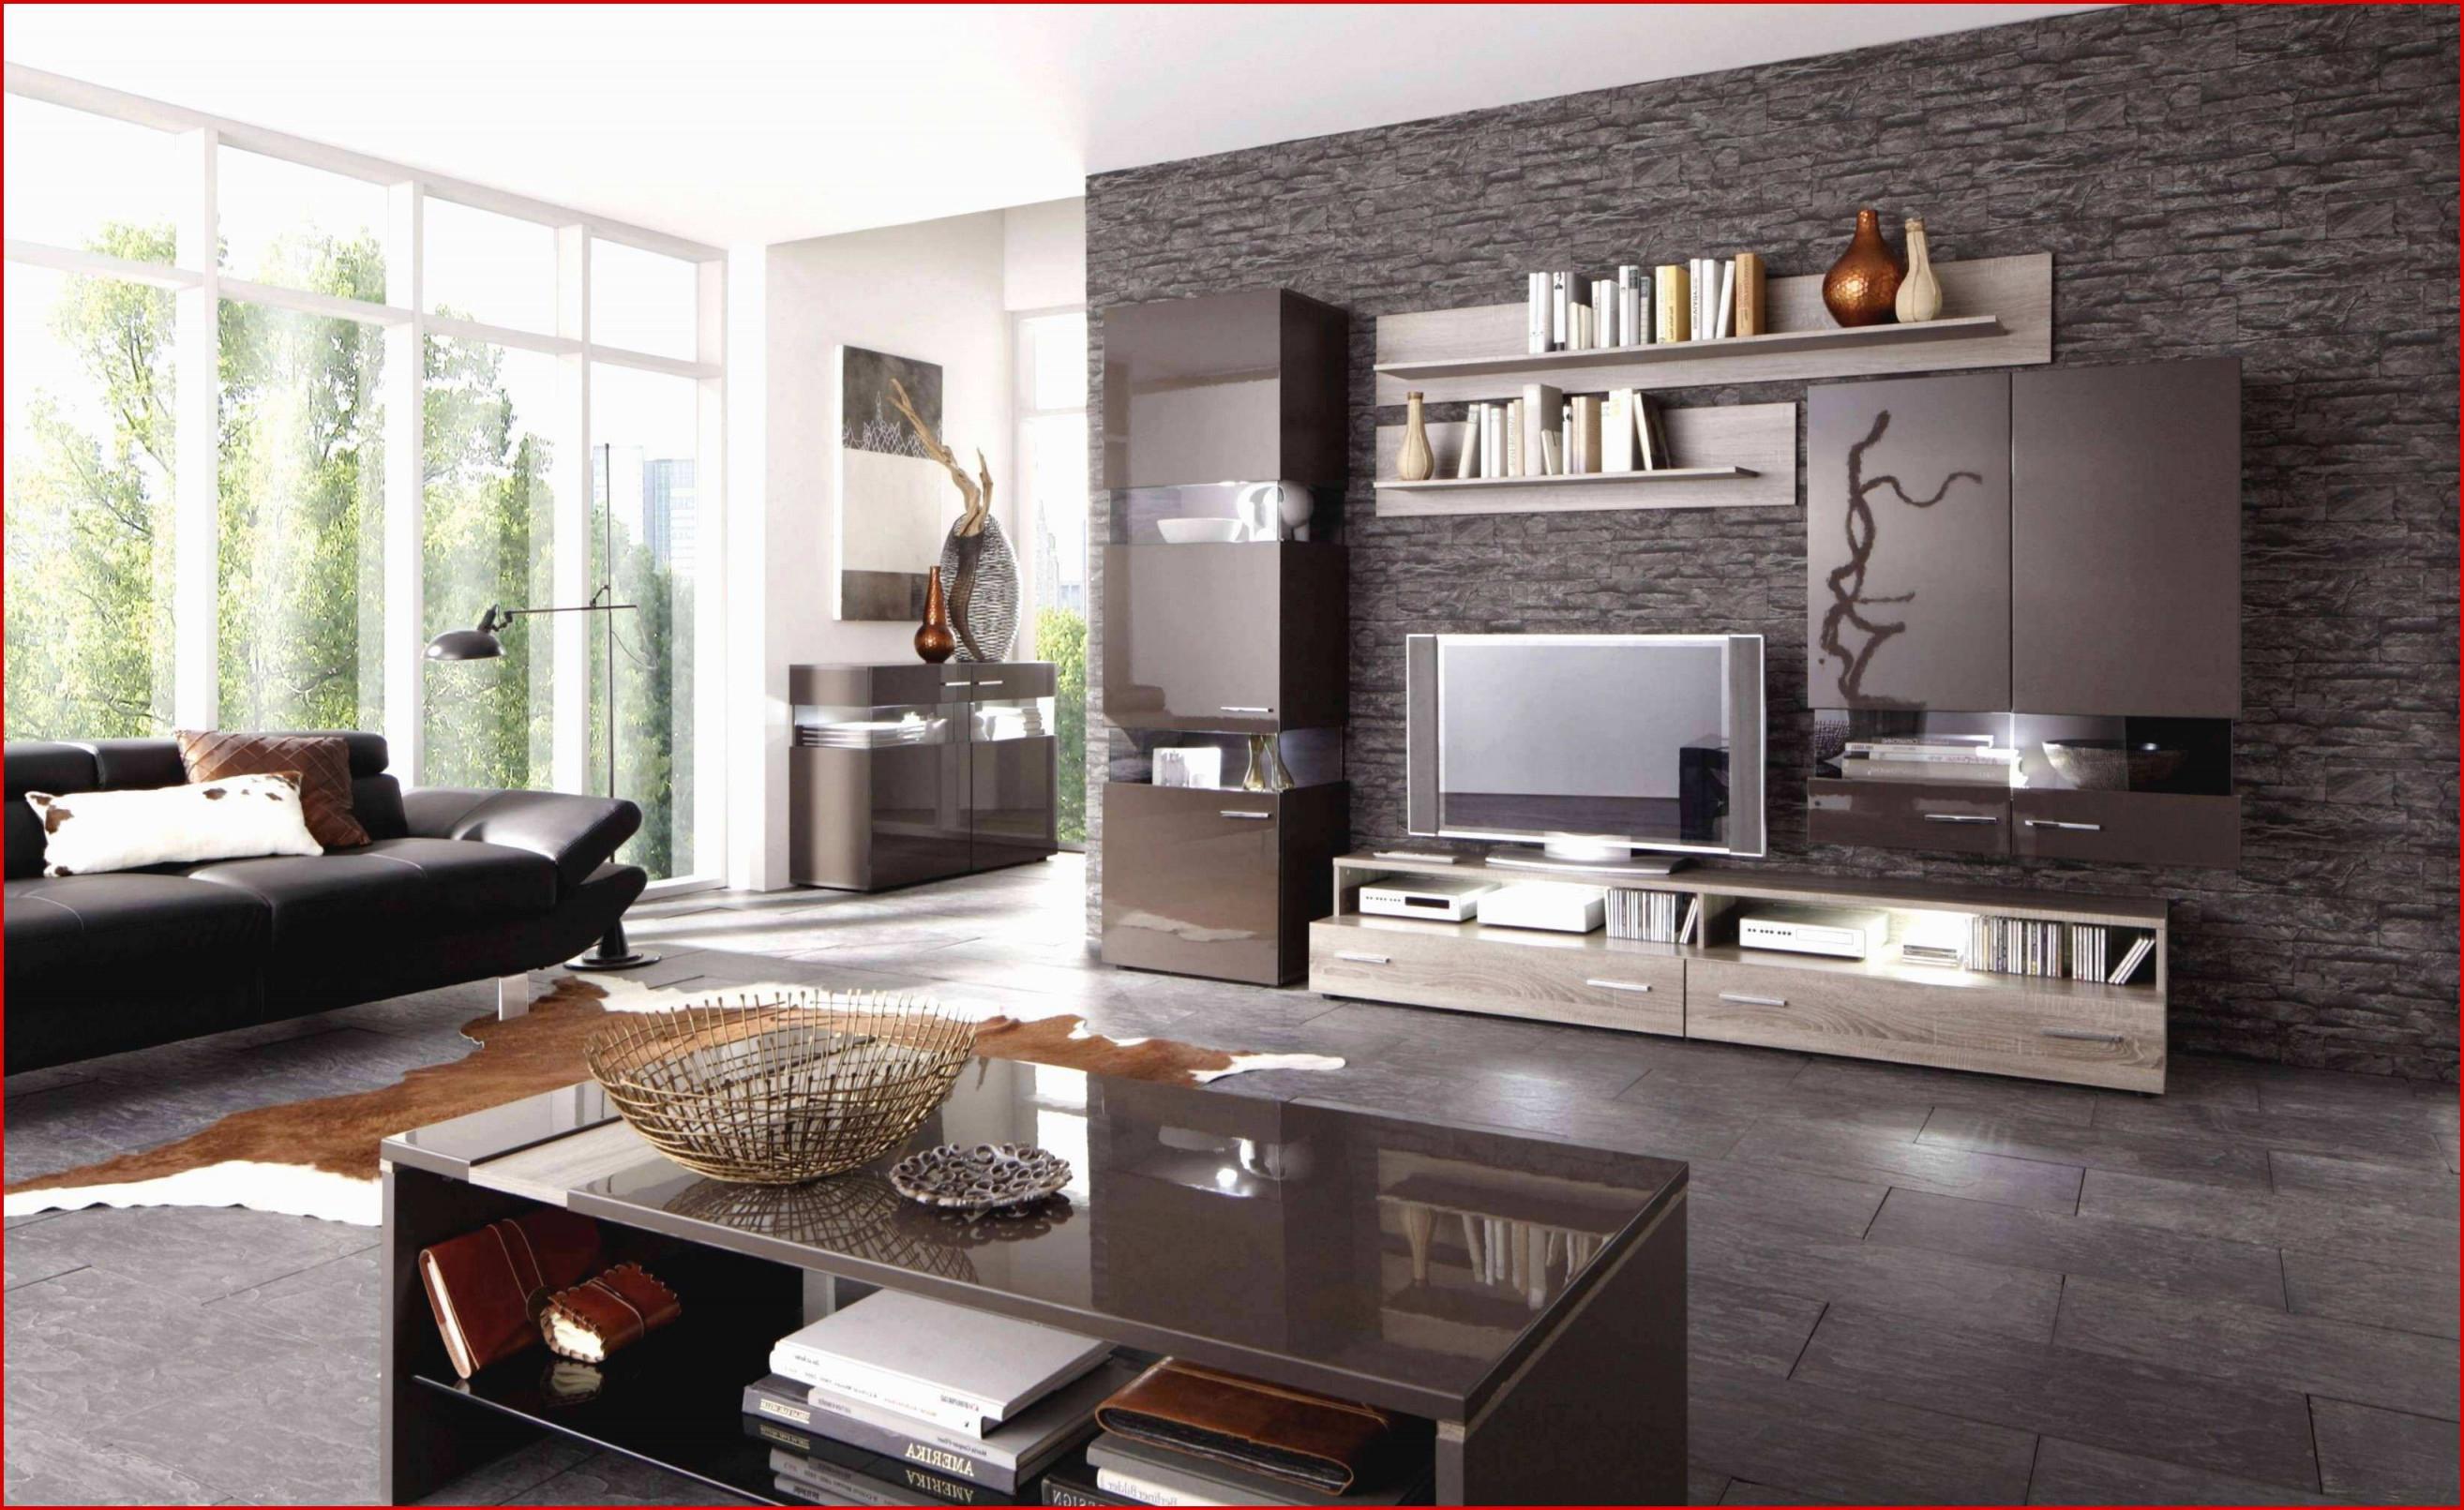 59 Inspirierend Tapeten Schlafzimmer Modern Elegant  Tolles von Tapeten Modern Wohnzimmer Bild